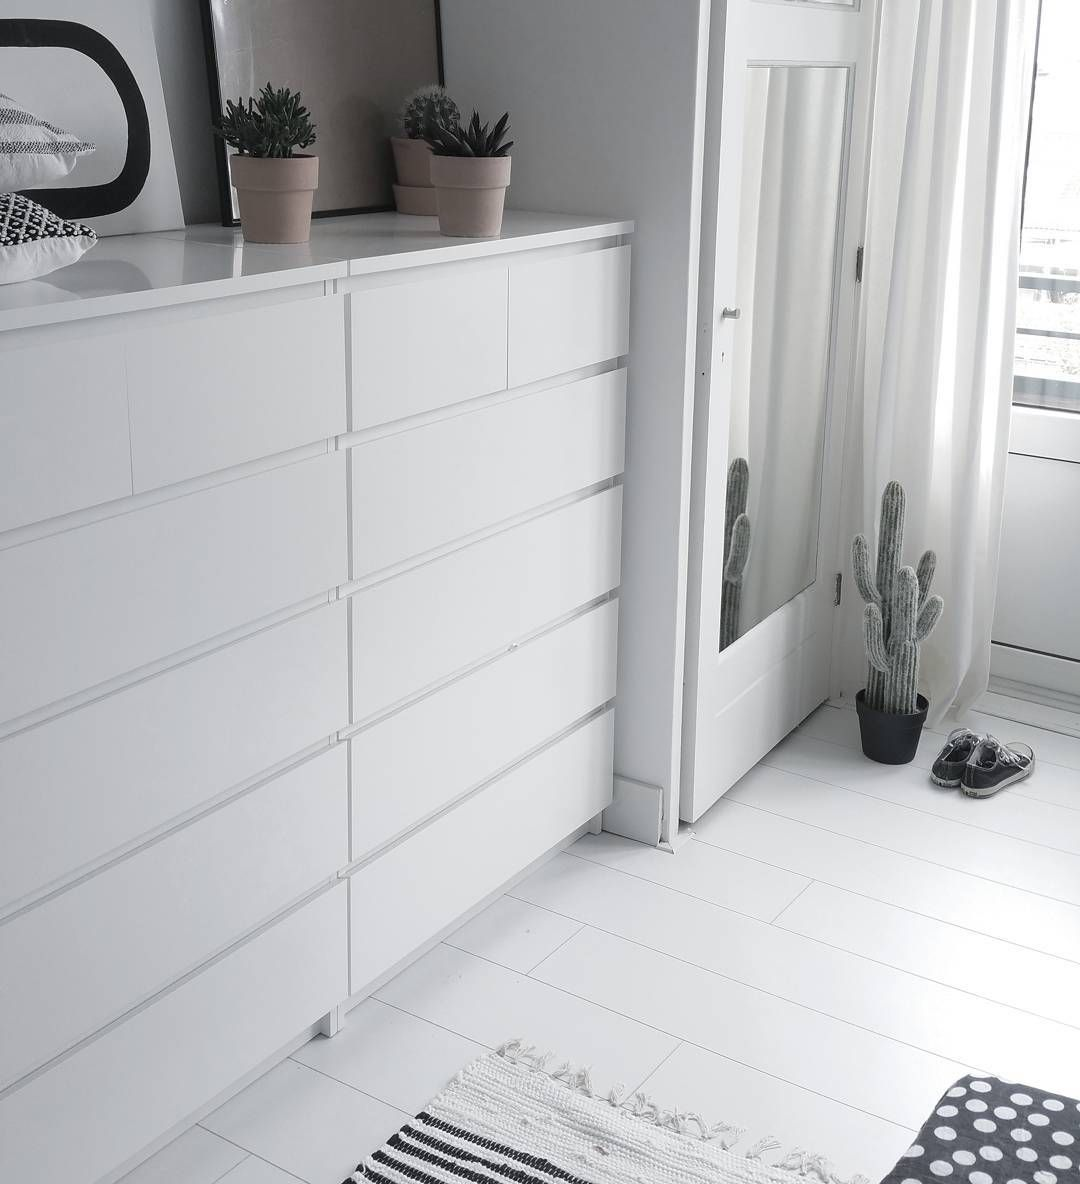 Malm Ikea Fur Das Ankleidezimmer Ideal Fur Tucher Unterwasche T Shirts Strickjacken Walk In Closet Ikea Bedroom Decor Design Chic Bedroom Design